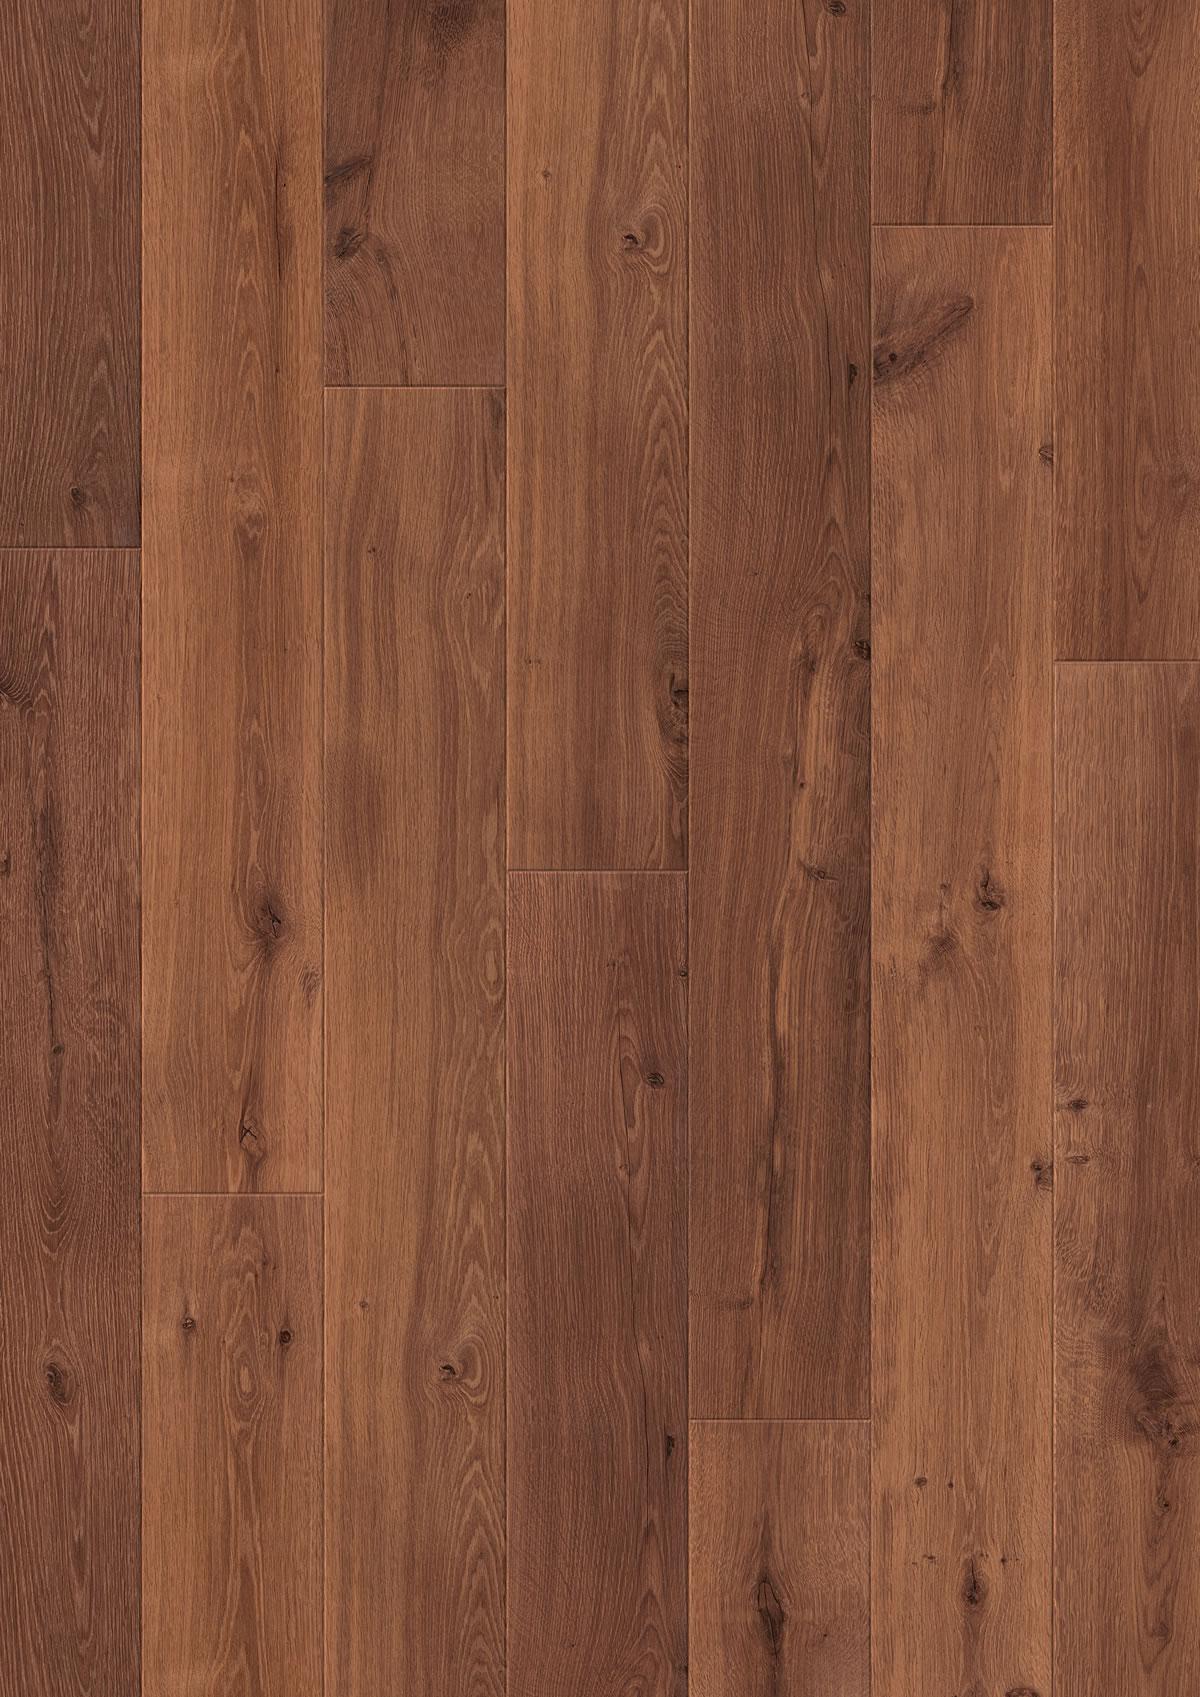 Quickstep Perspective Vintage Oak Dark Varnished Uf1001 Laminate Floor